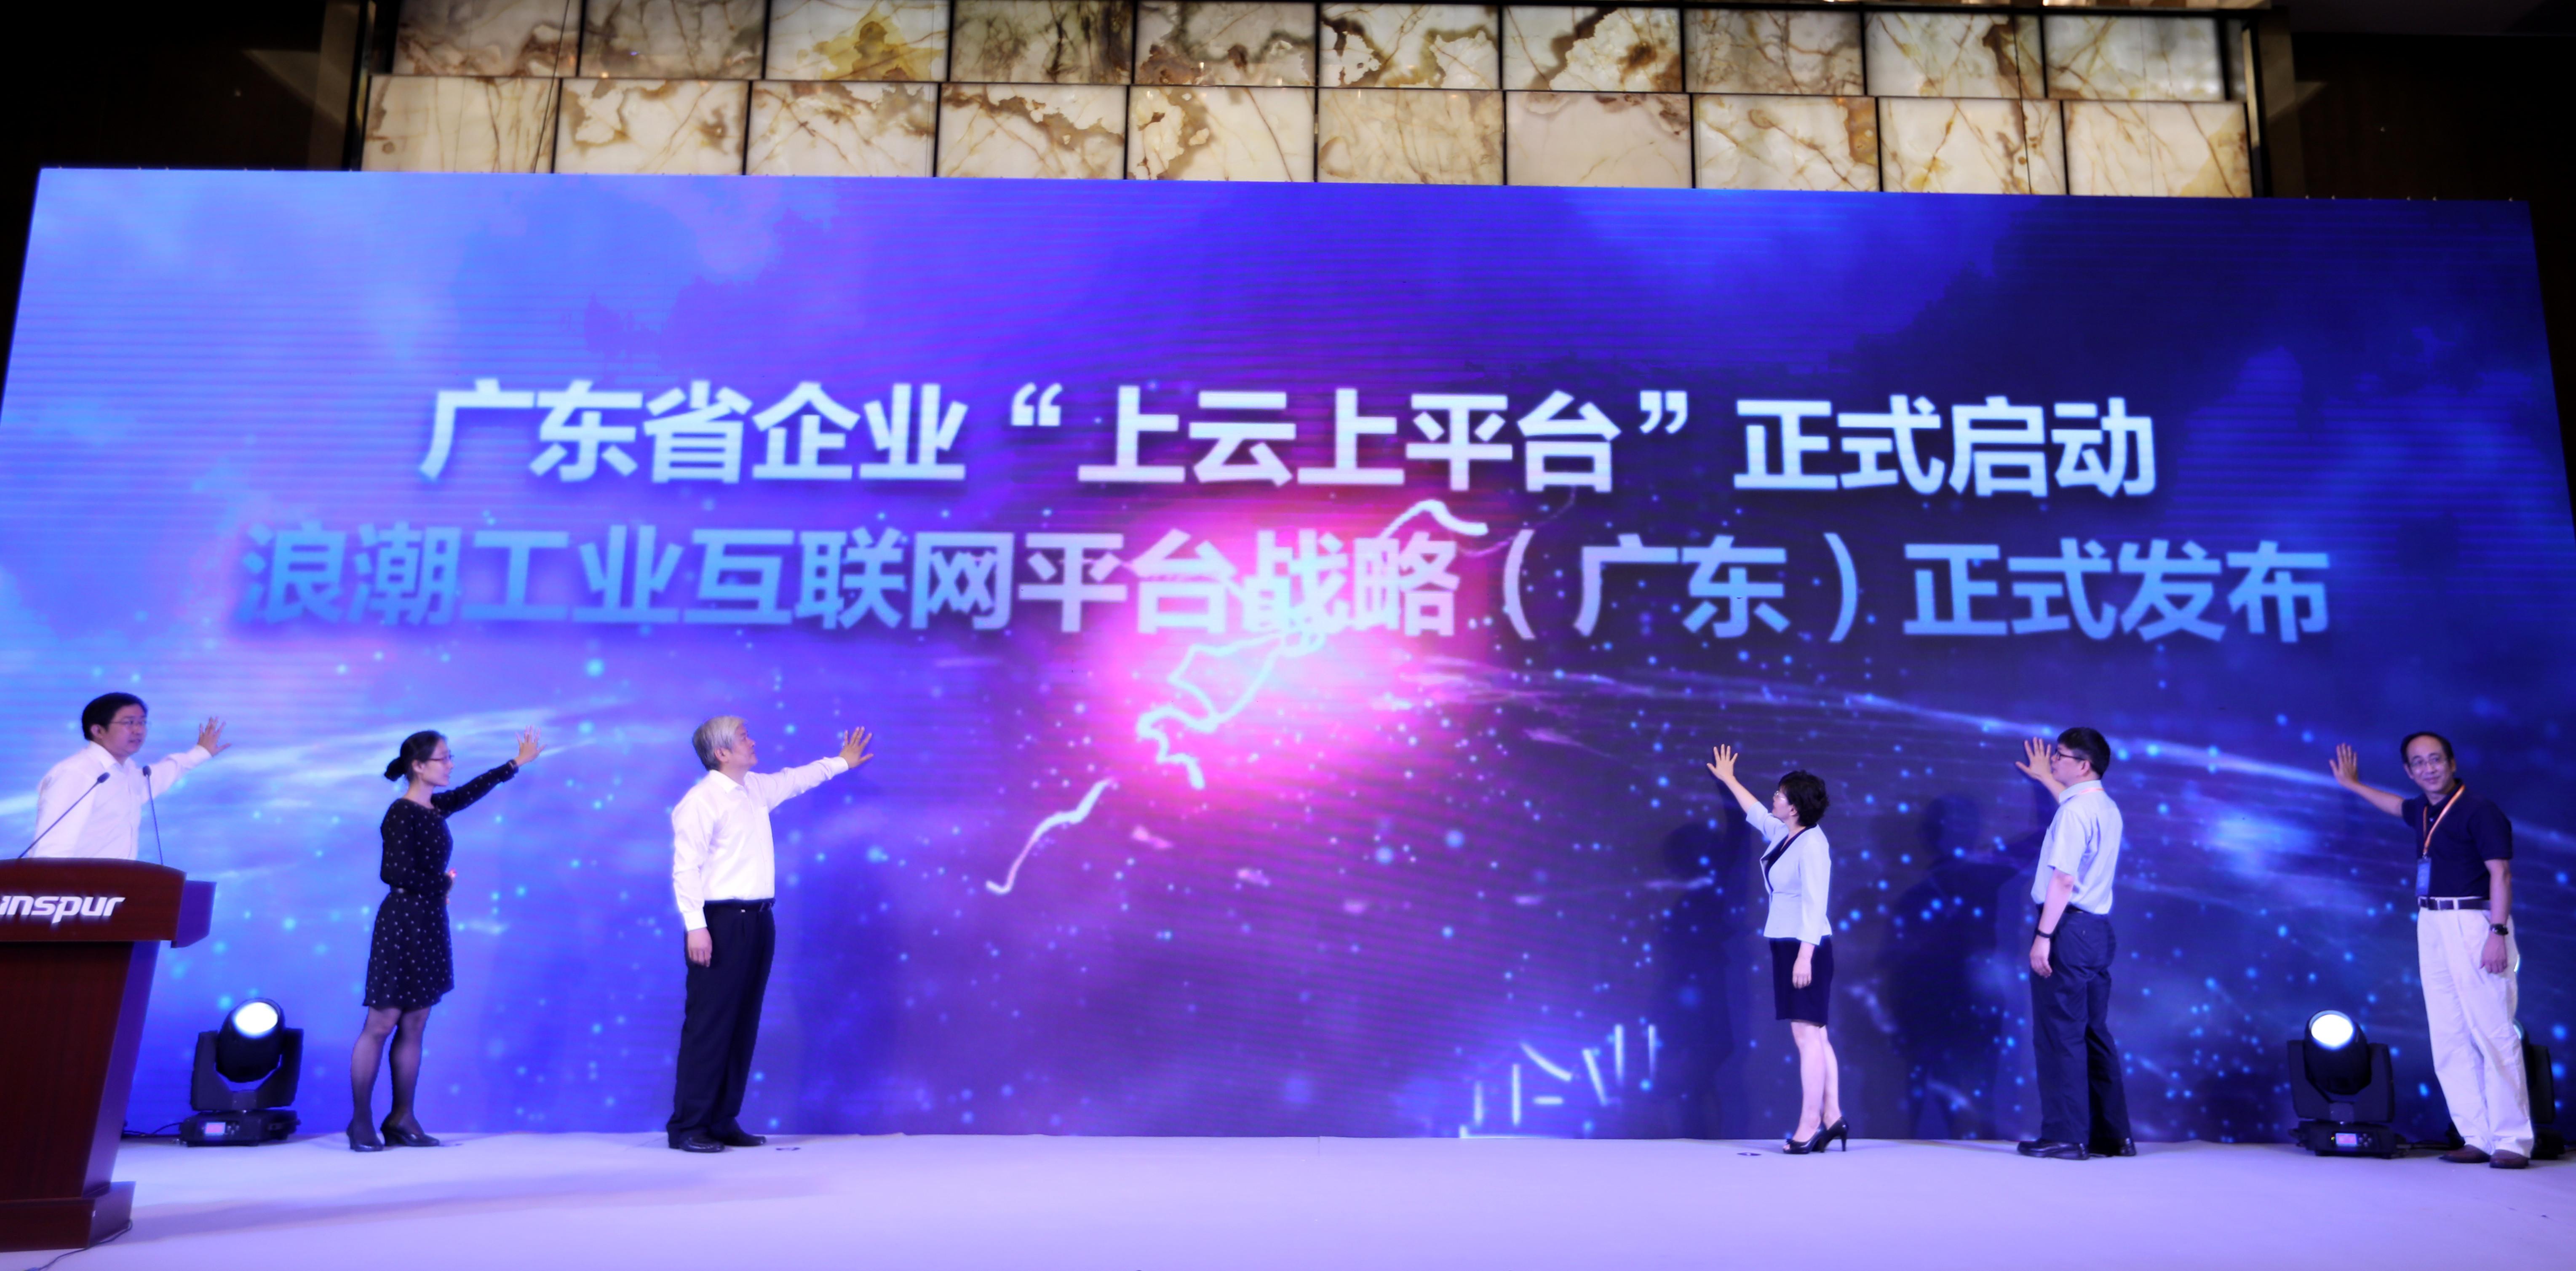 落地浪潮工业互联网广州总部 浪潮云五千万服务